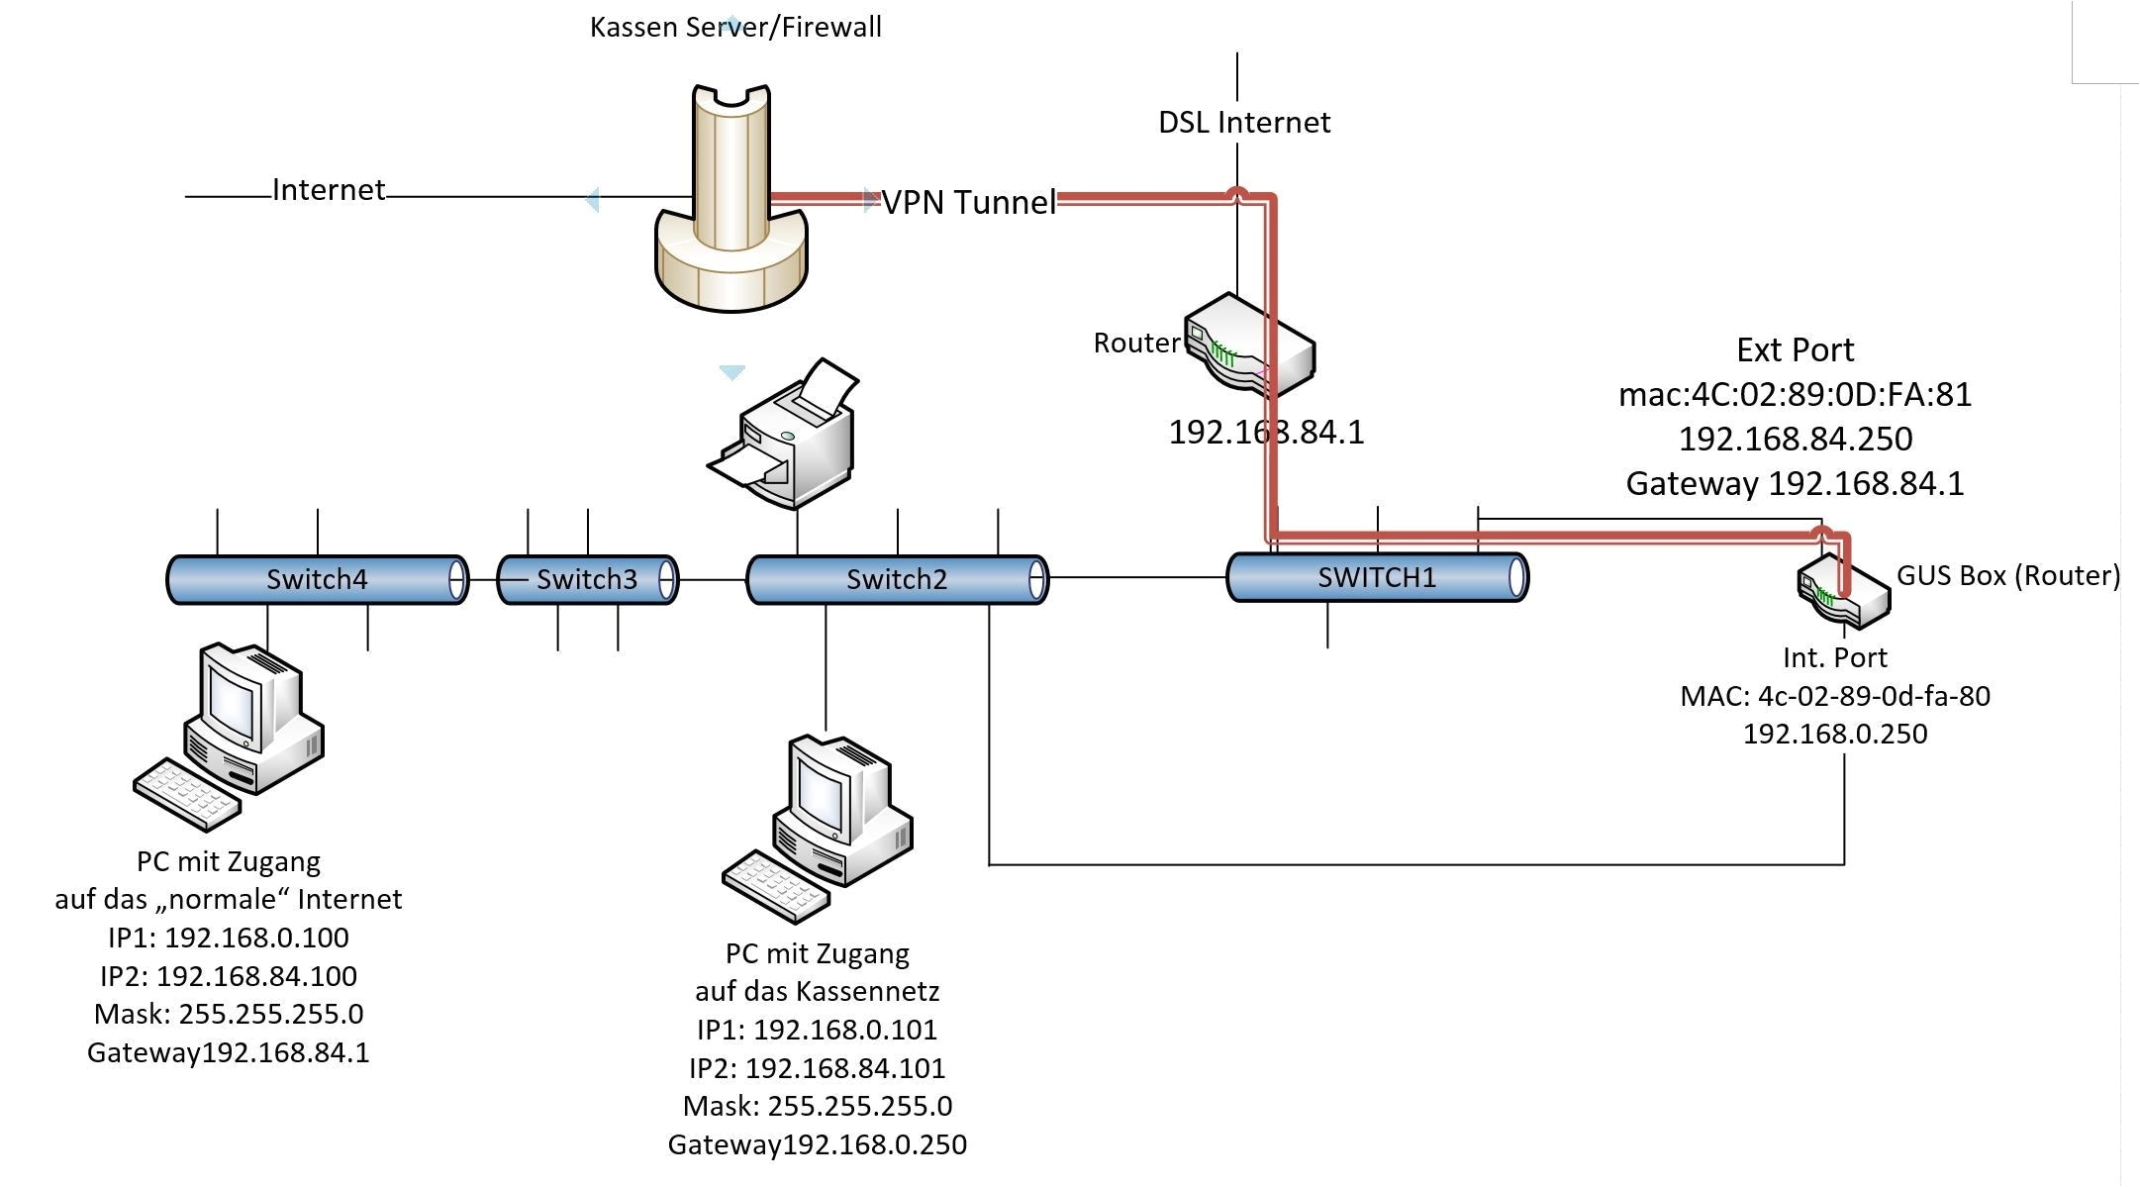 cooper 5 way switch wiring diagram schematic diagram cooper 5 way switch wiring diagram